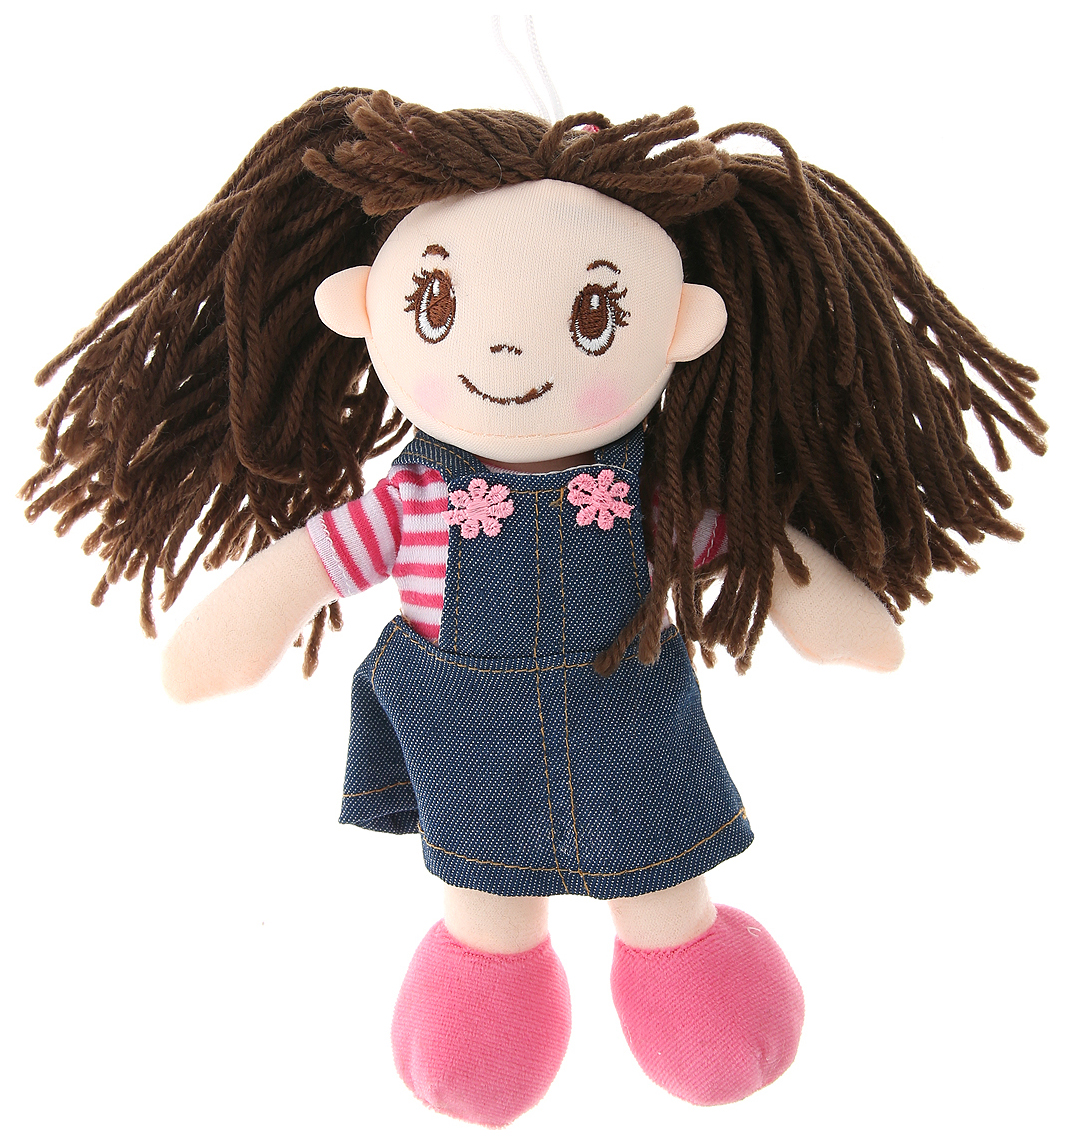 Купить Кукла мягконабивная, 20 см (в джинсовом сарафане и тельняшке), ABtoys, Классические куклы